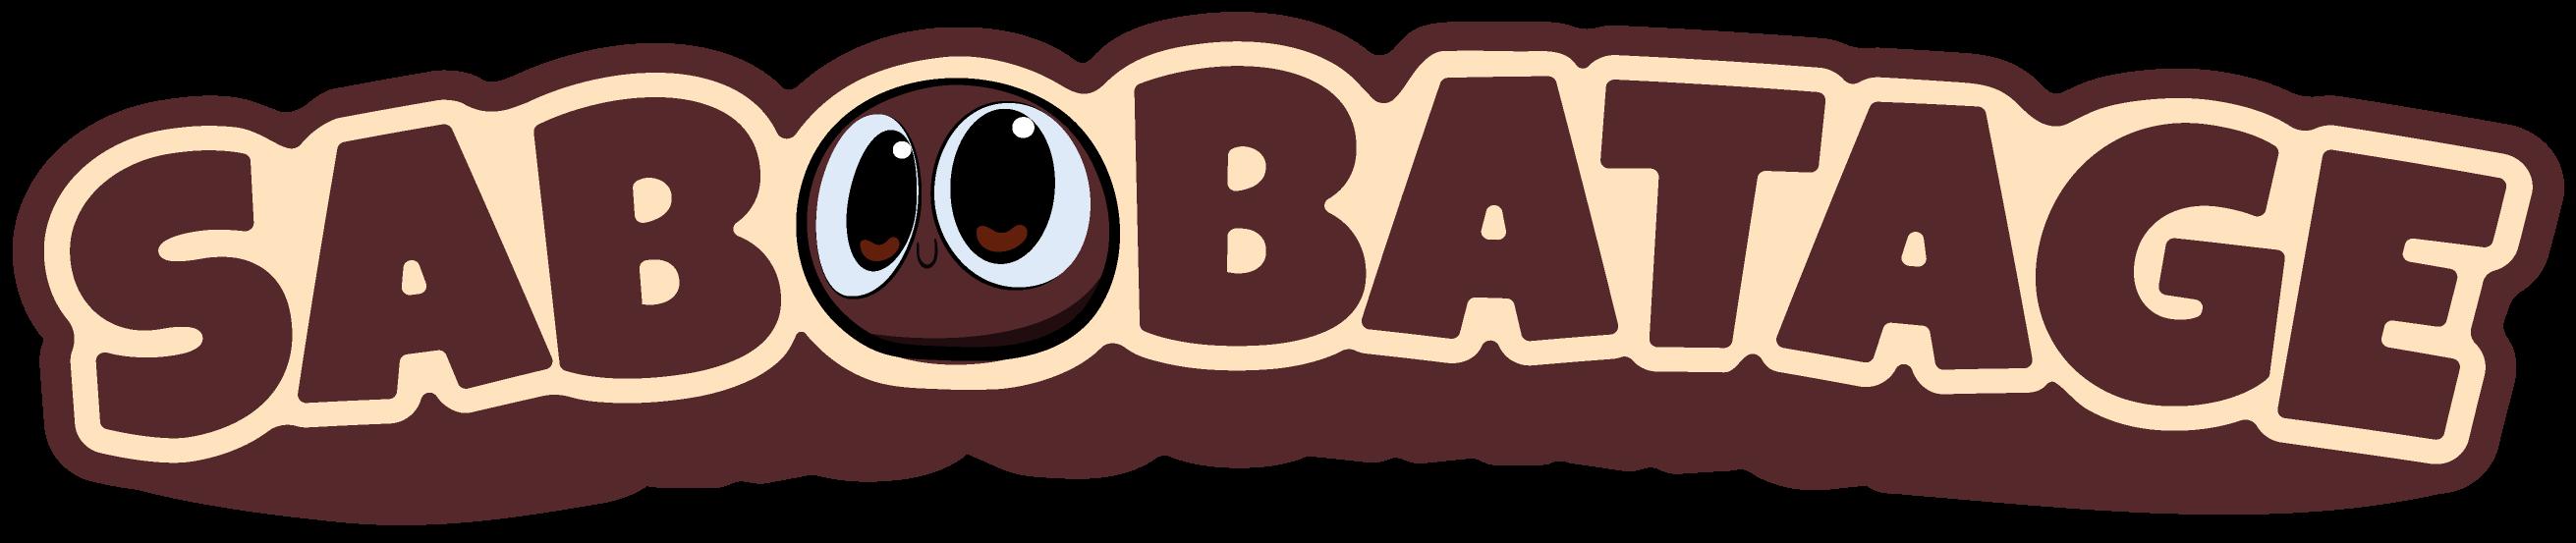 Sabobatage